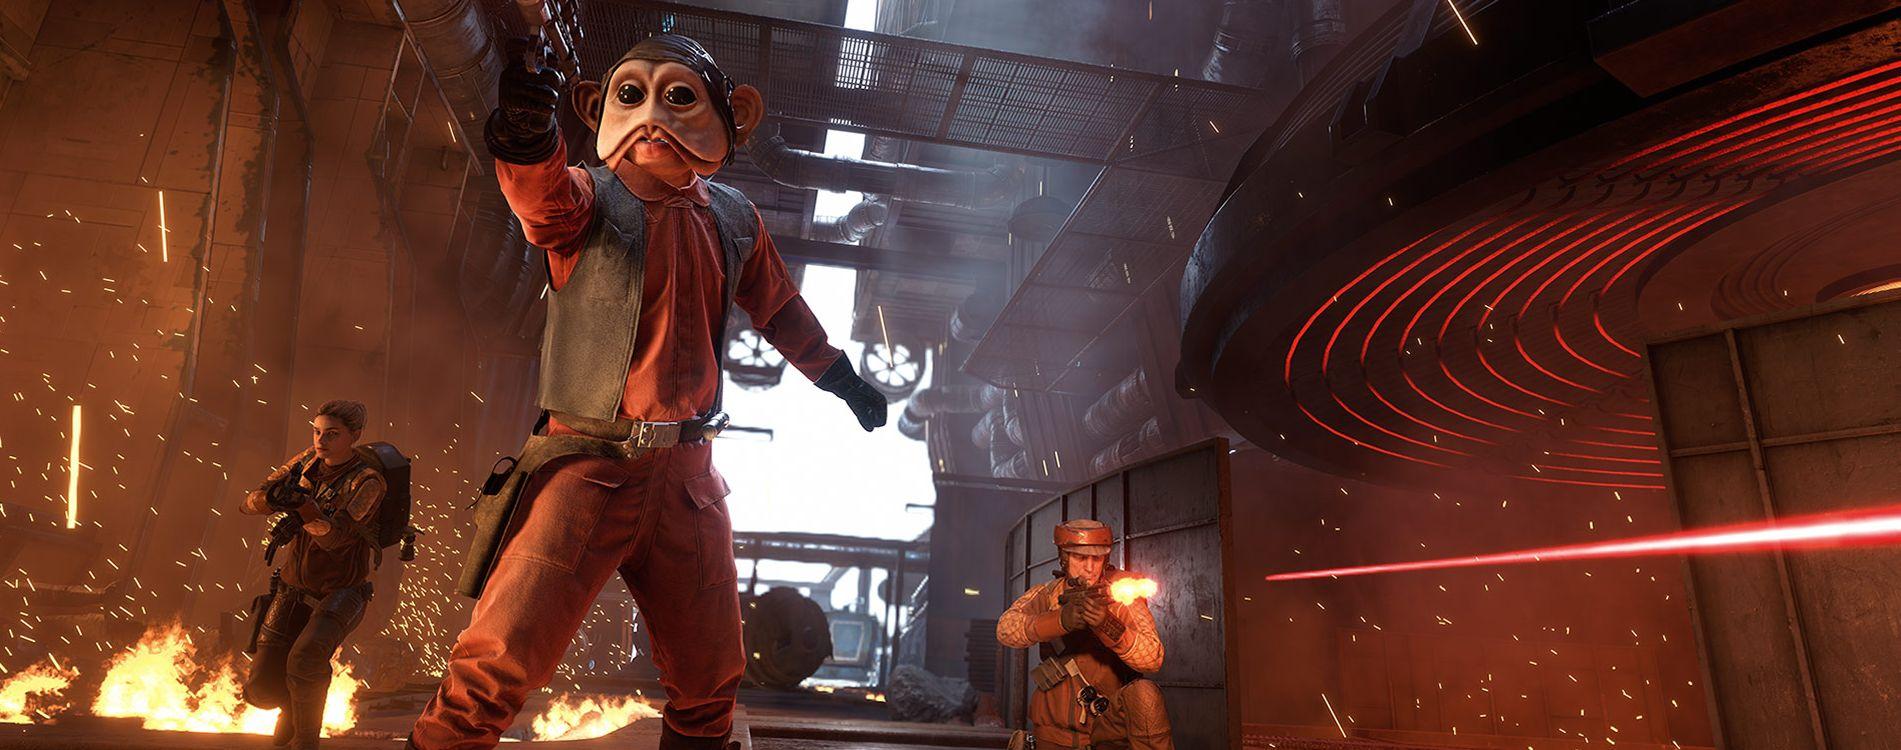 """""""Wir nennen es moralischer Kompass"""" – EA über Lootboxen und Zukunft"""